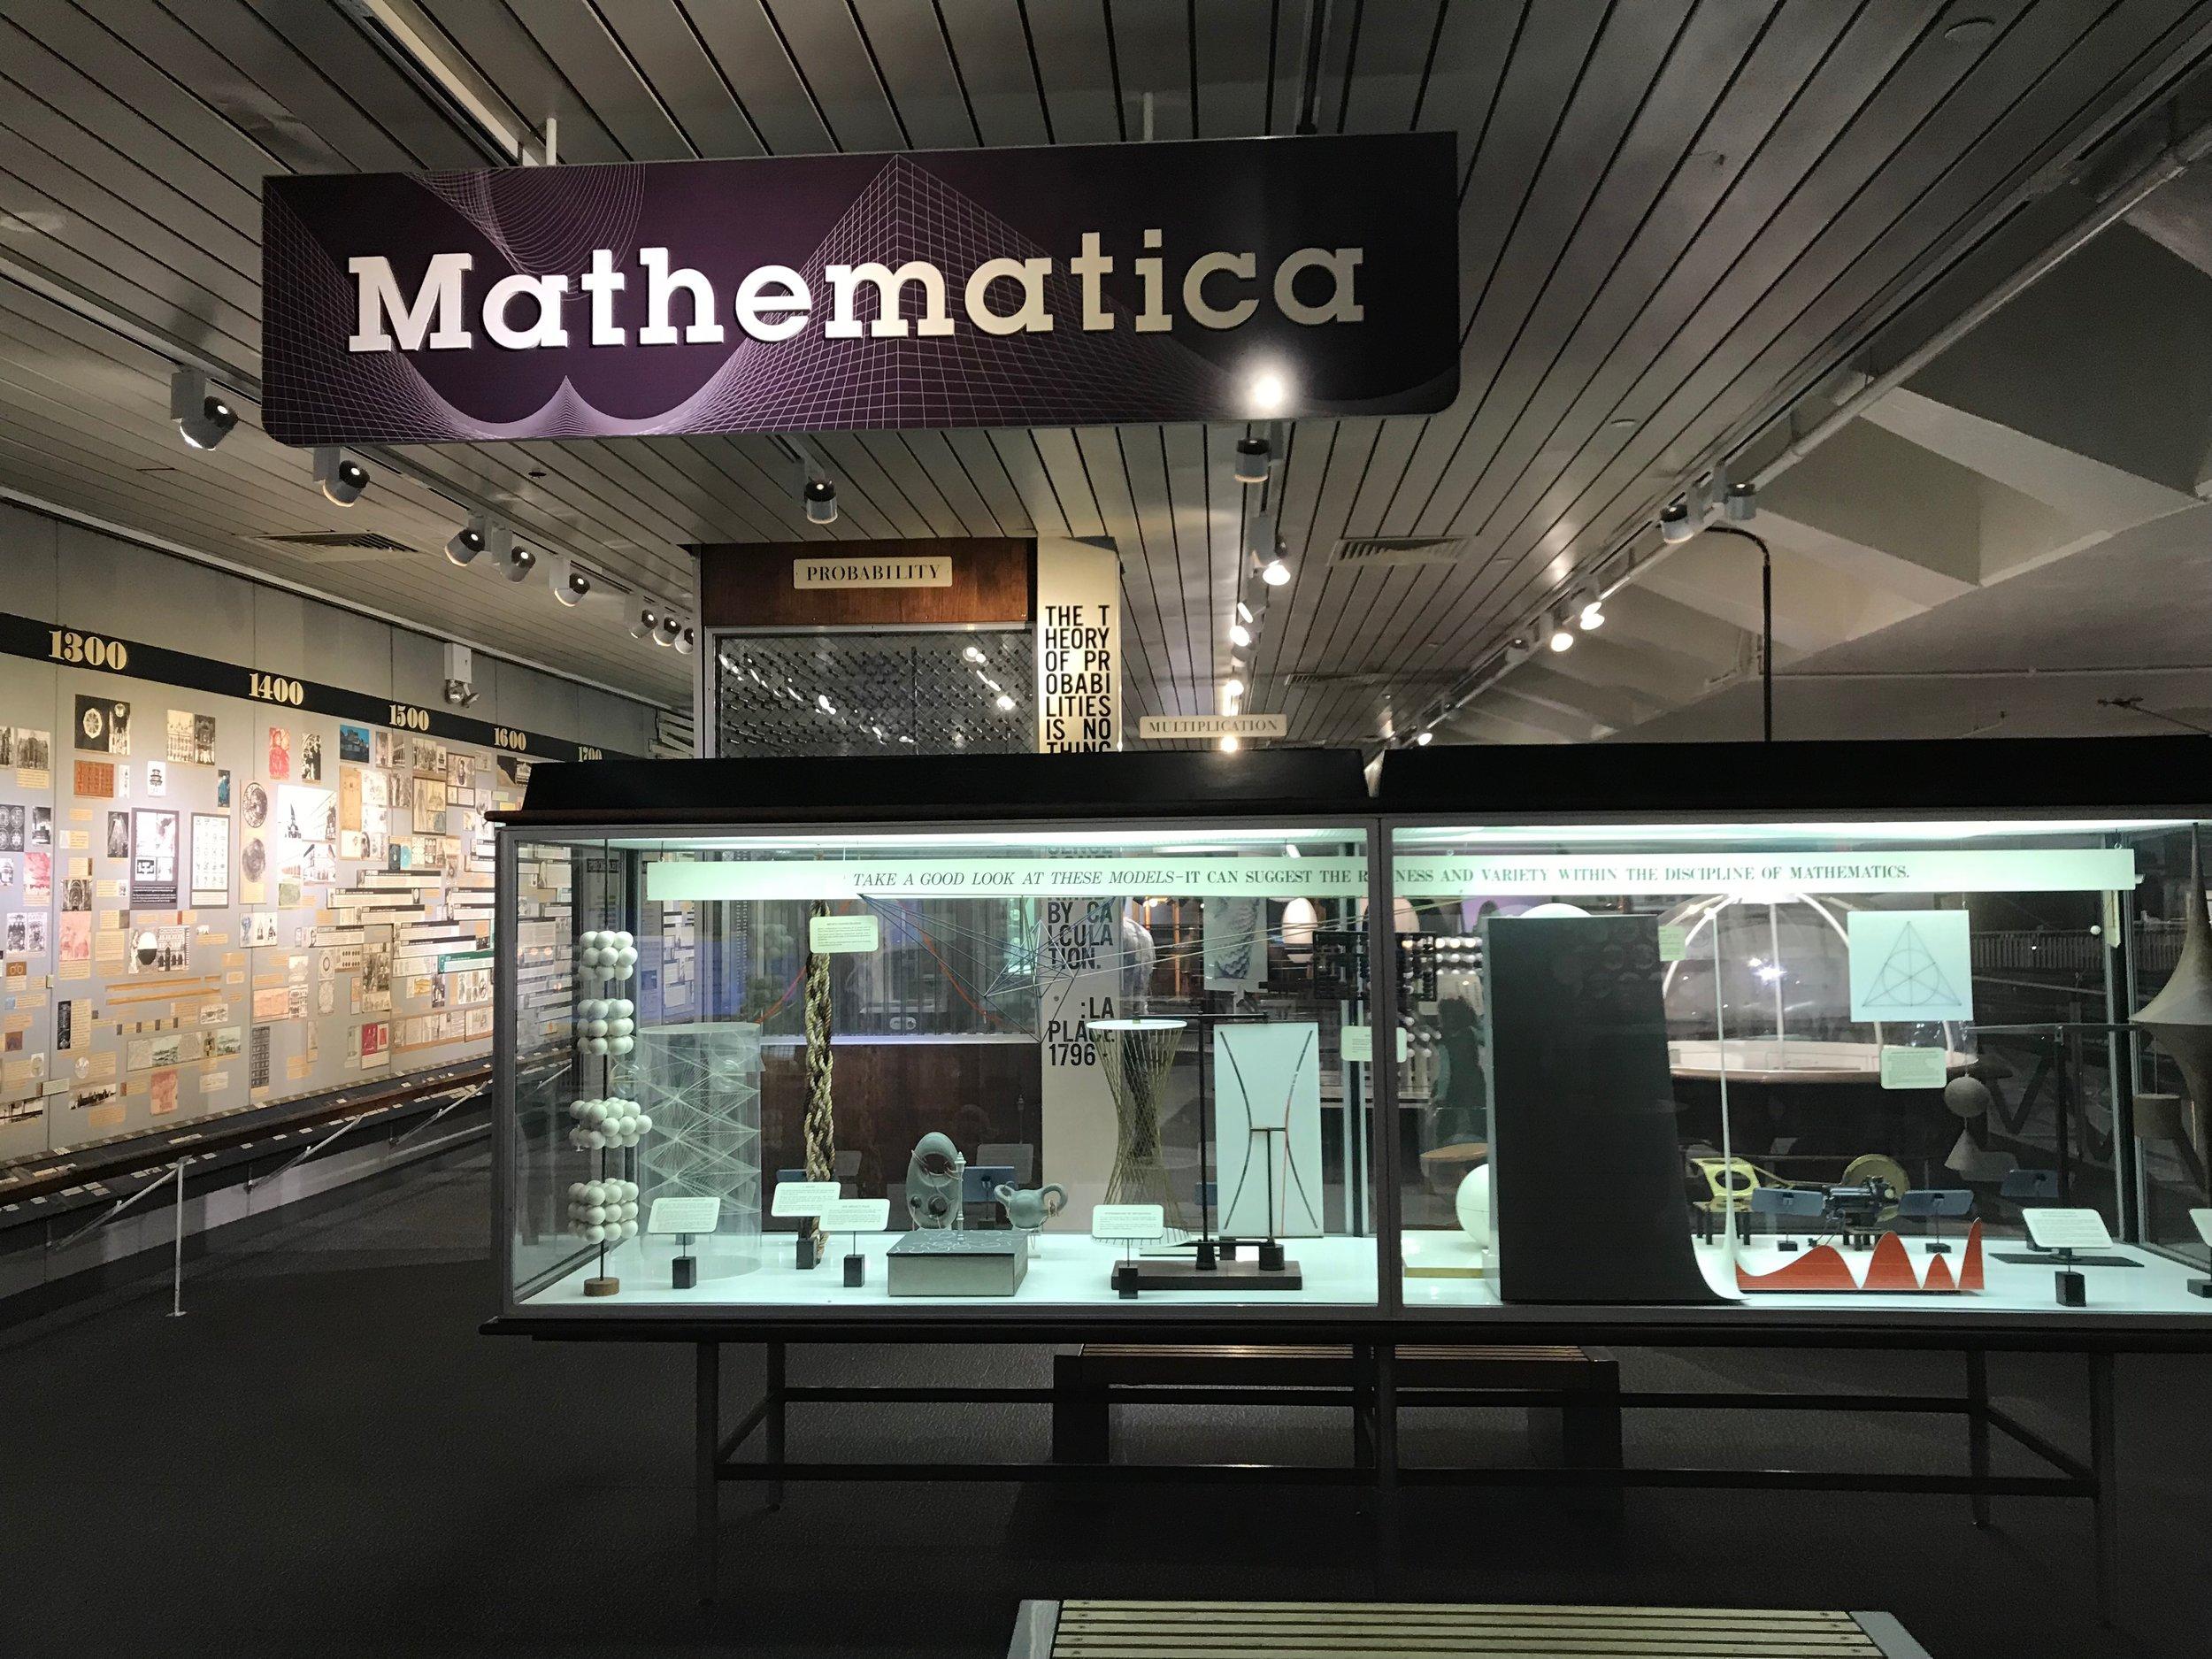 Mathematica Exhibit Area